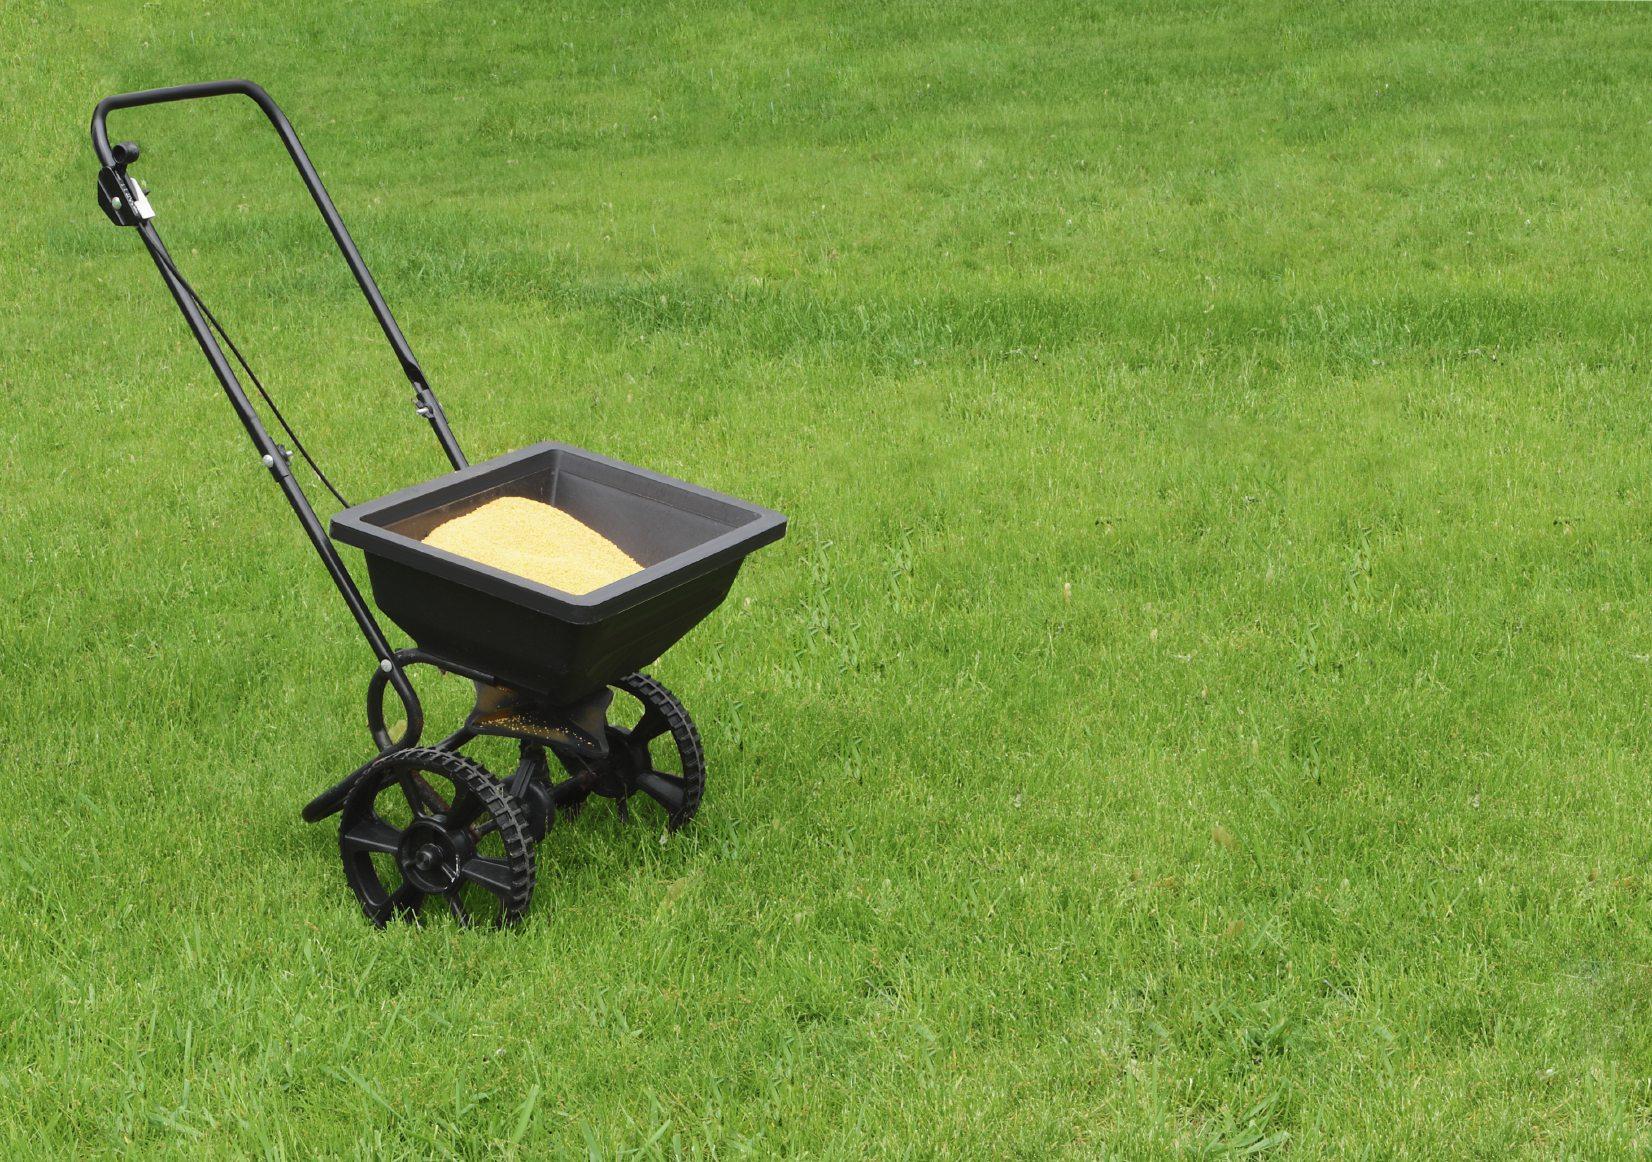 Preparing for Lawn Fertilization